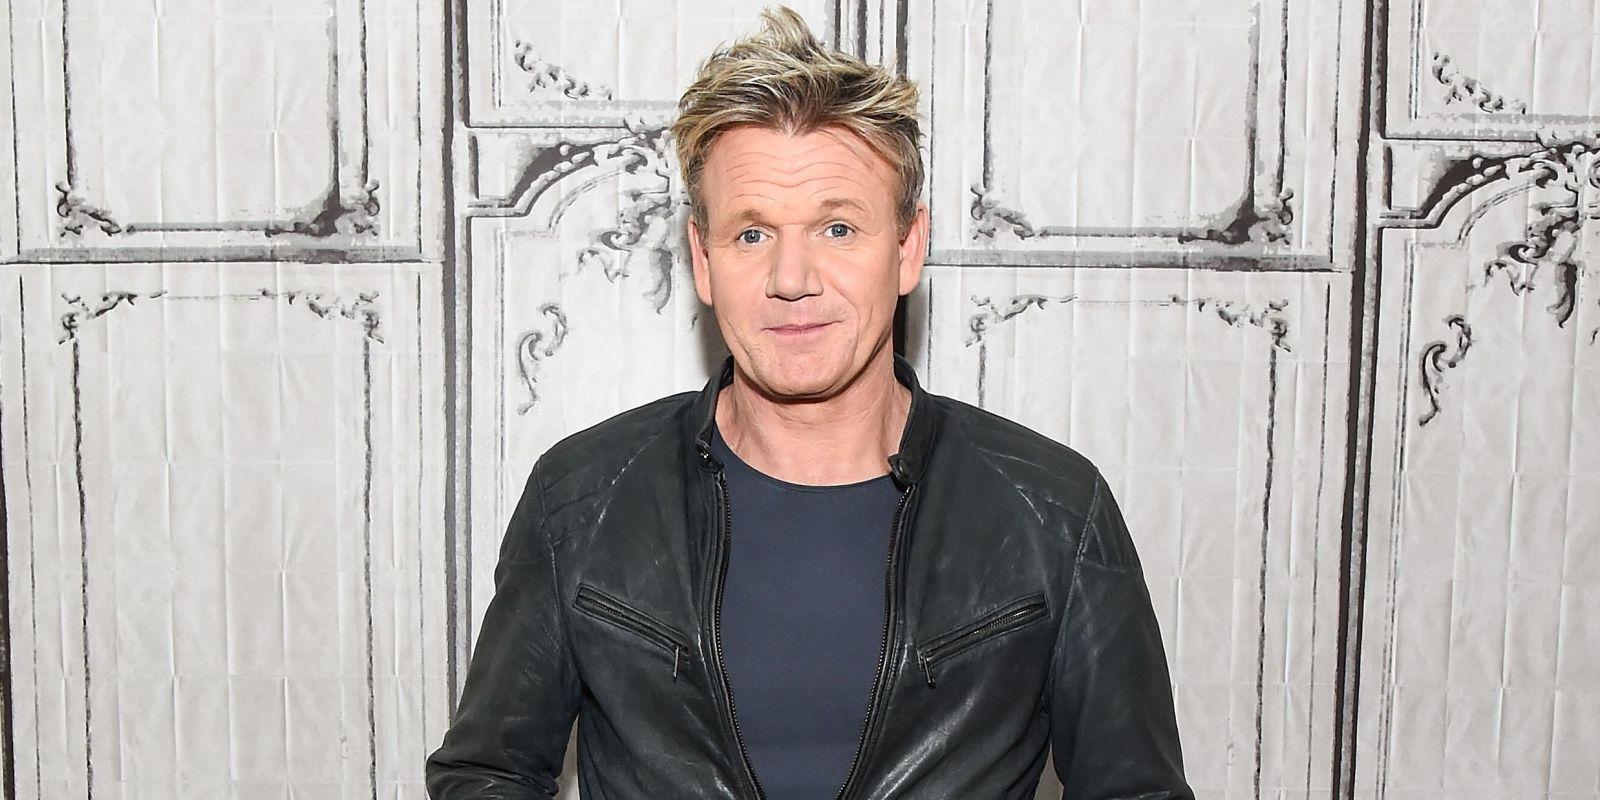 Gordon Ramsay is plotting a return to UK TV